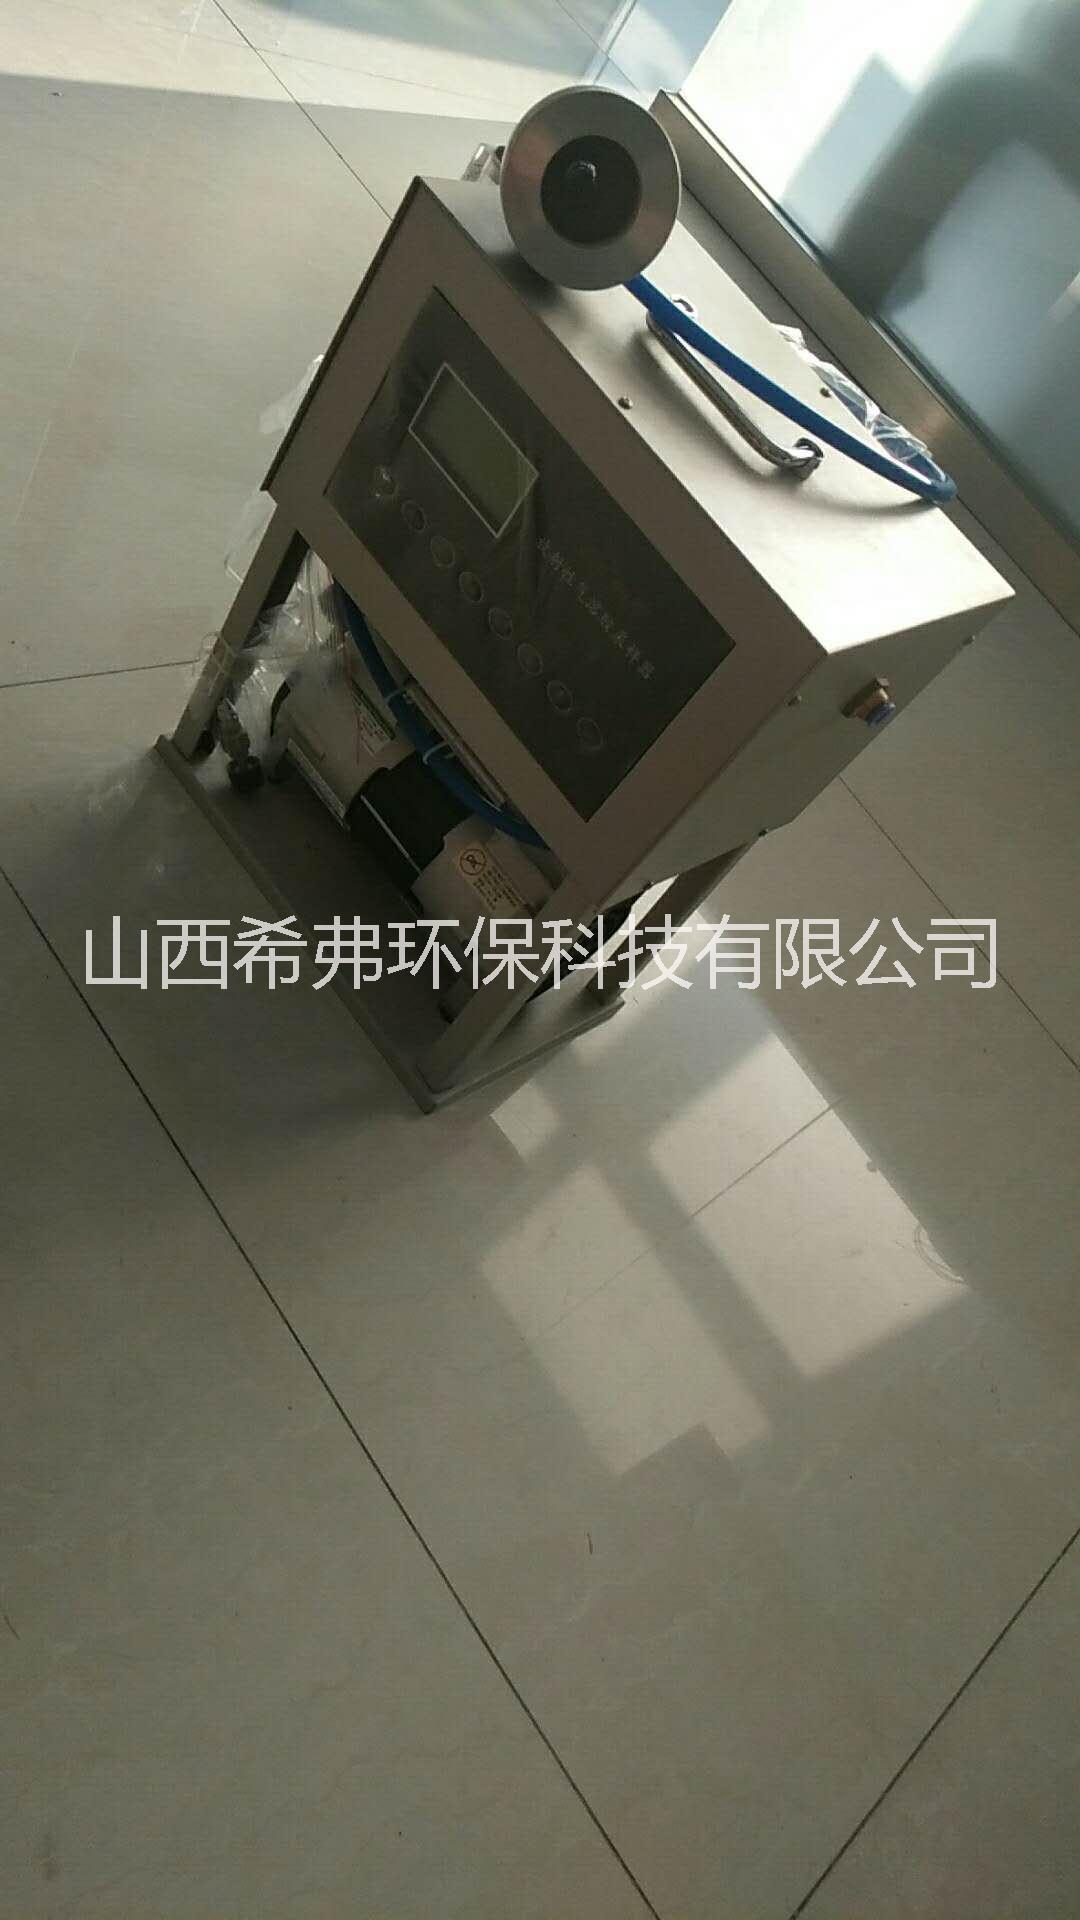 便携式放射性气溶胶采样器 RSM-09 便携式放射性气溶胶、碘采样器